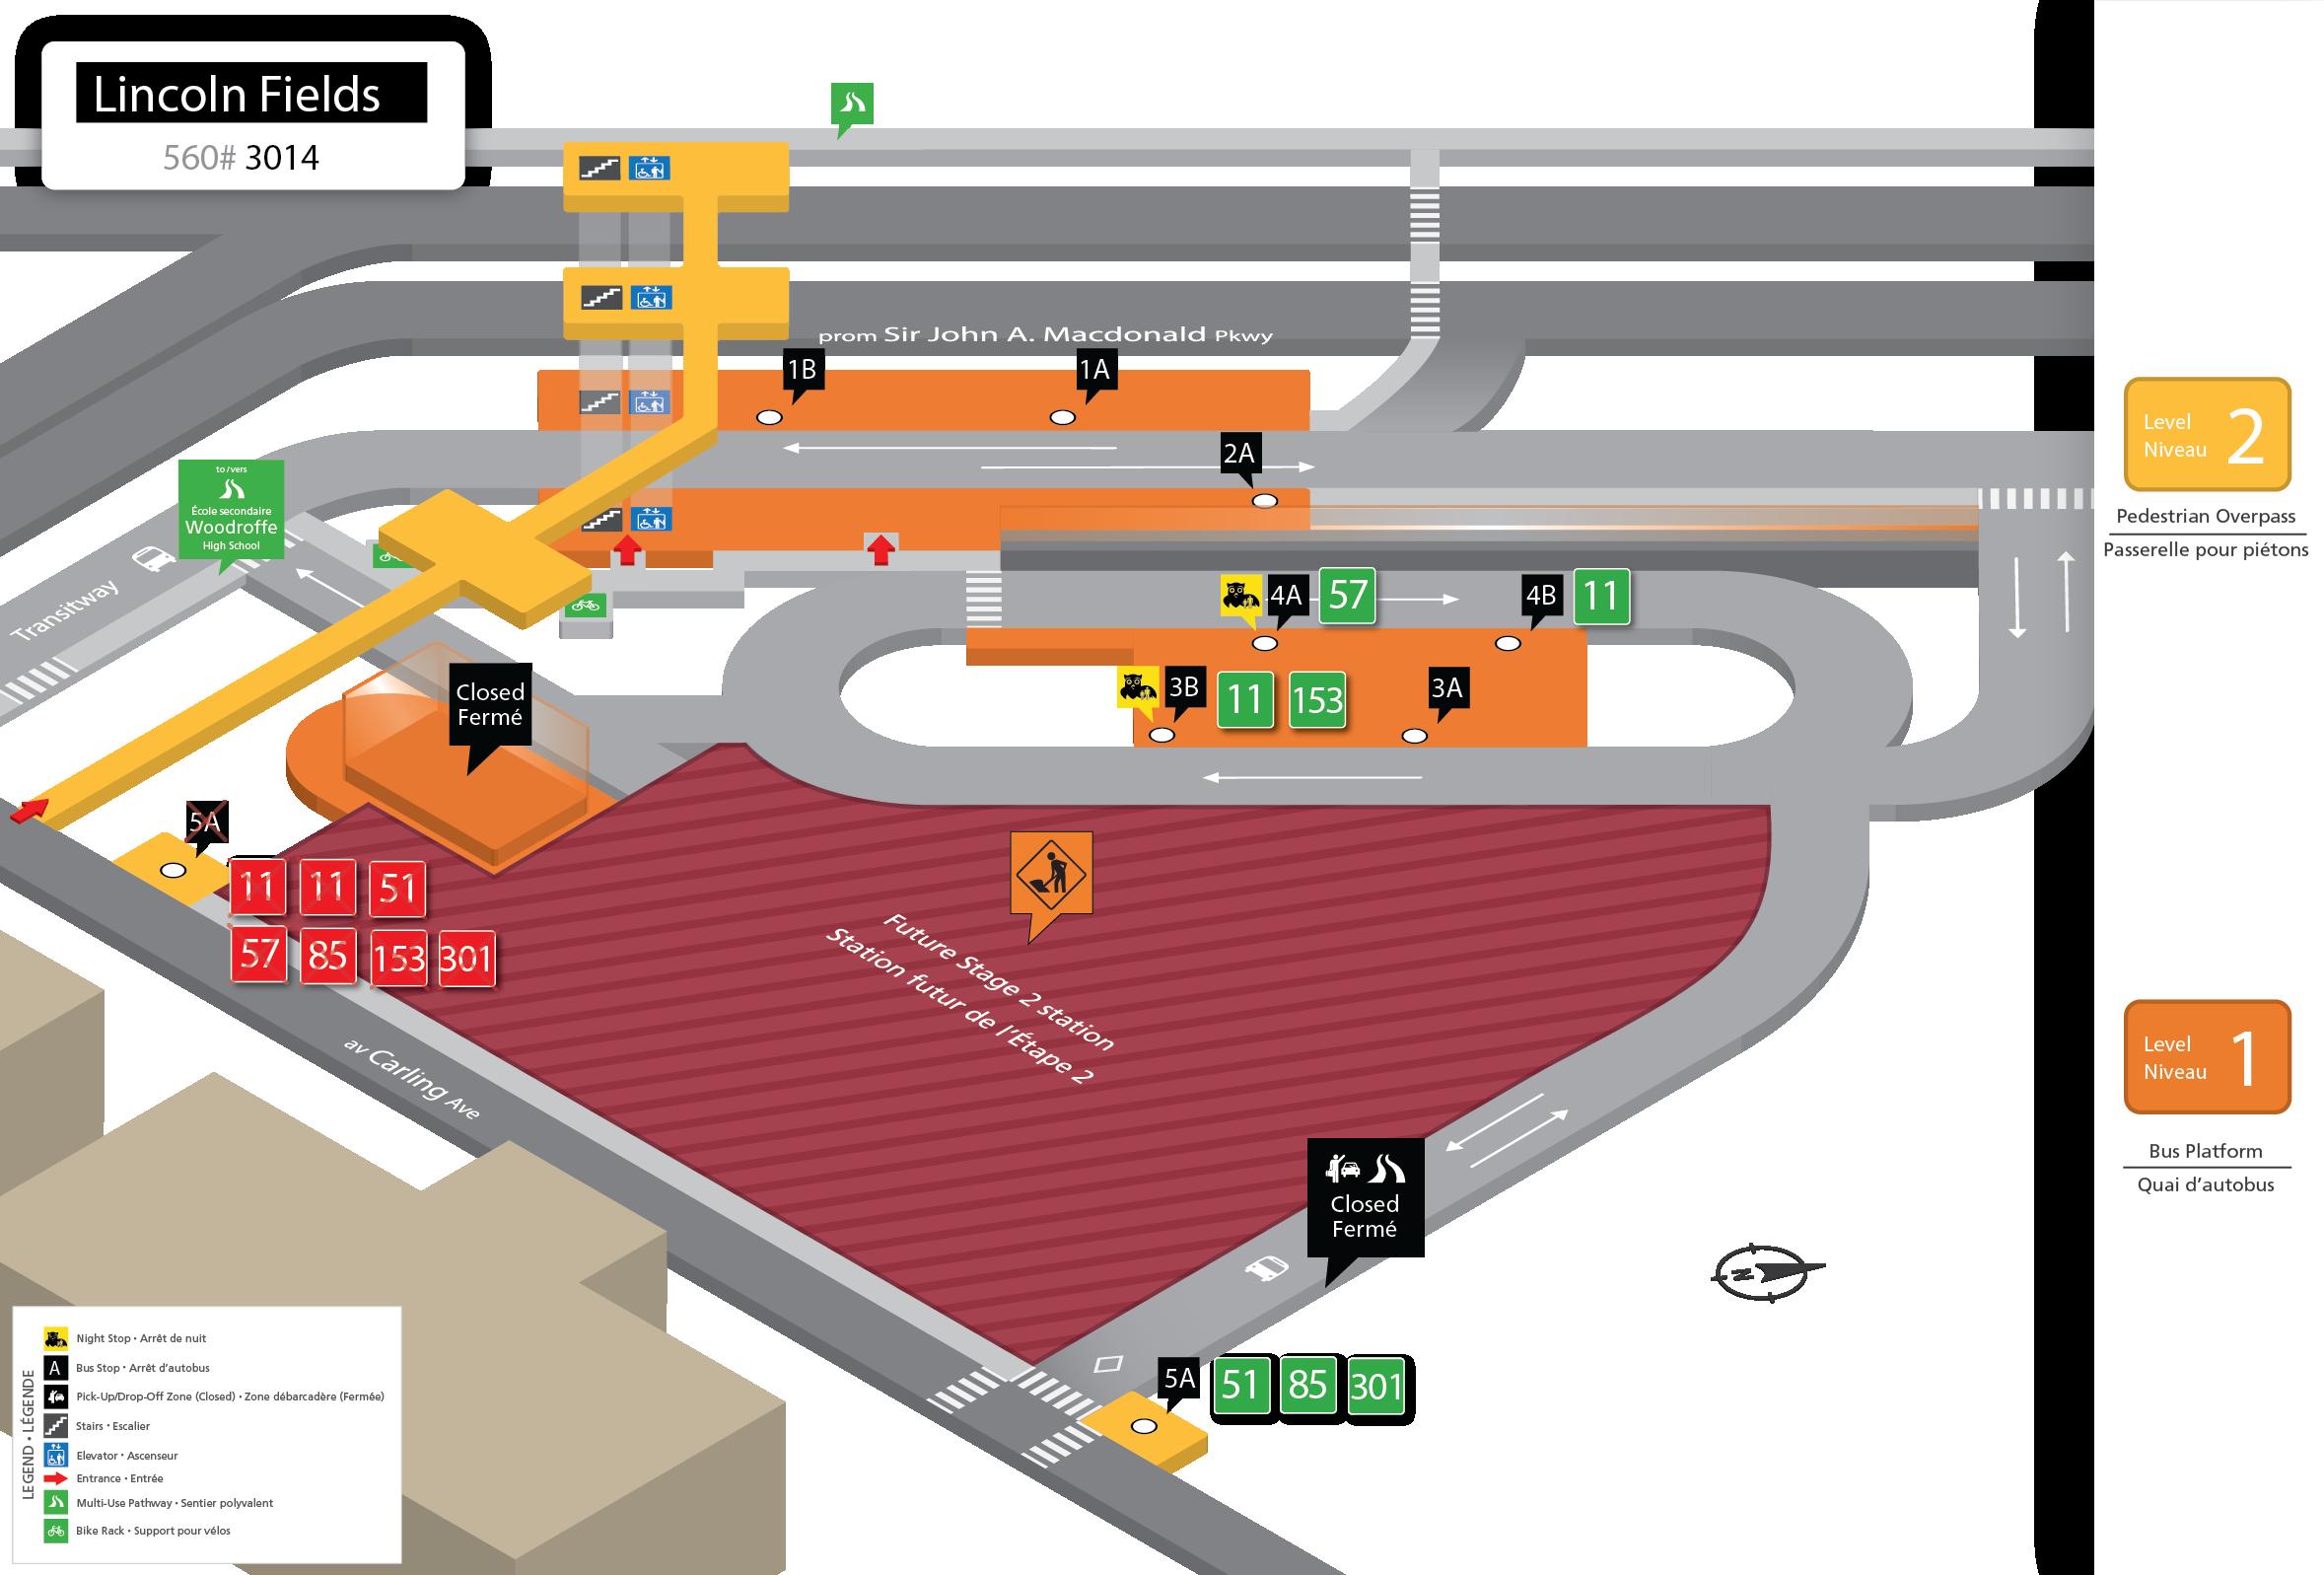 Les circuits 11, 51, 57, 85, 153 et 301 desserviront l'arrêt 5A de la station Lincoln Fields.